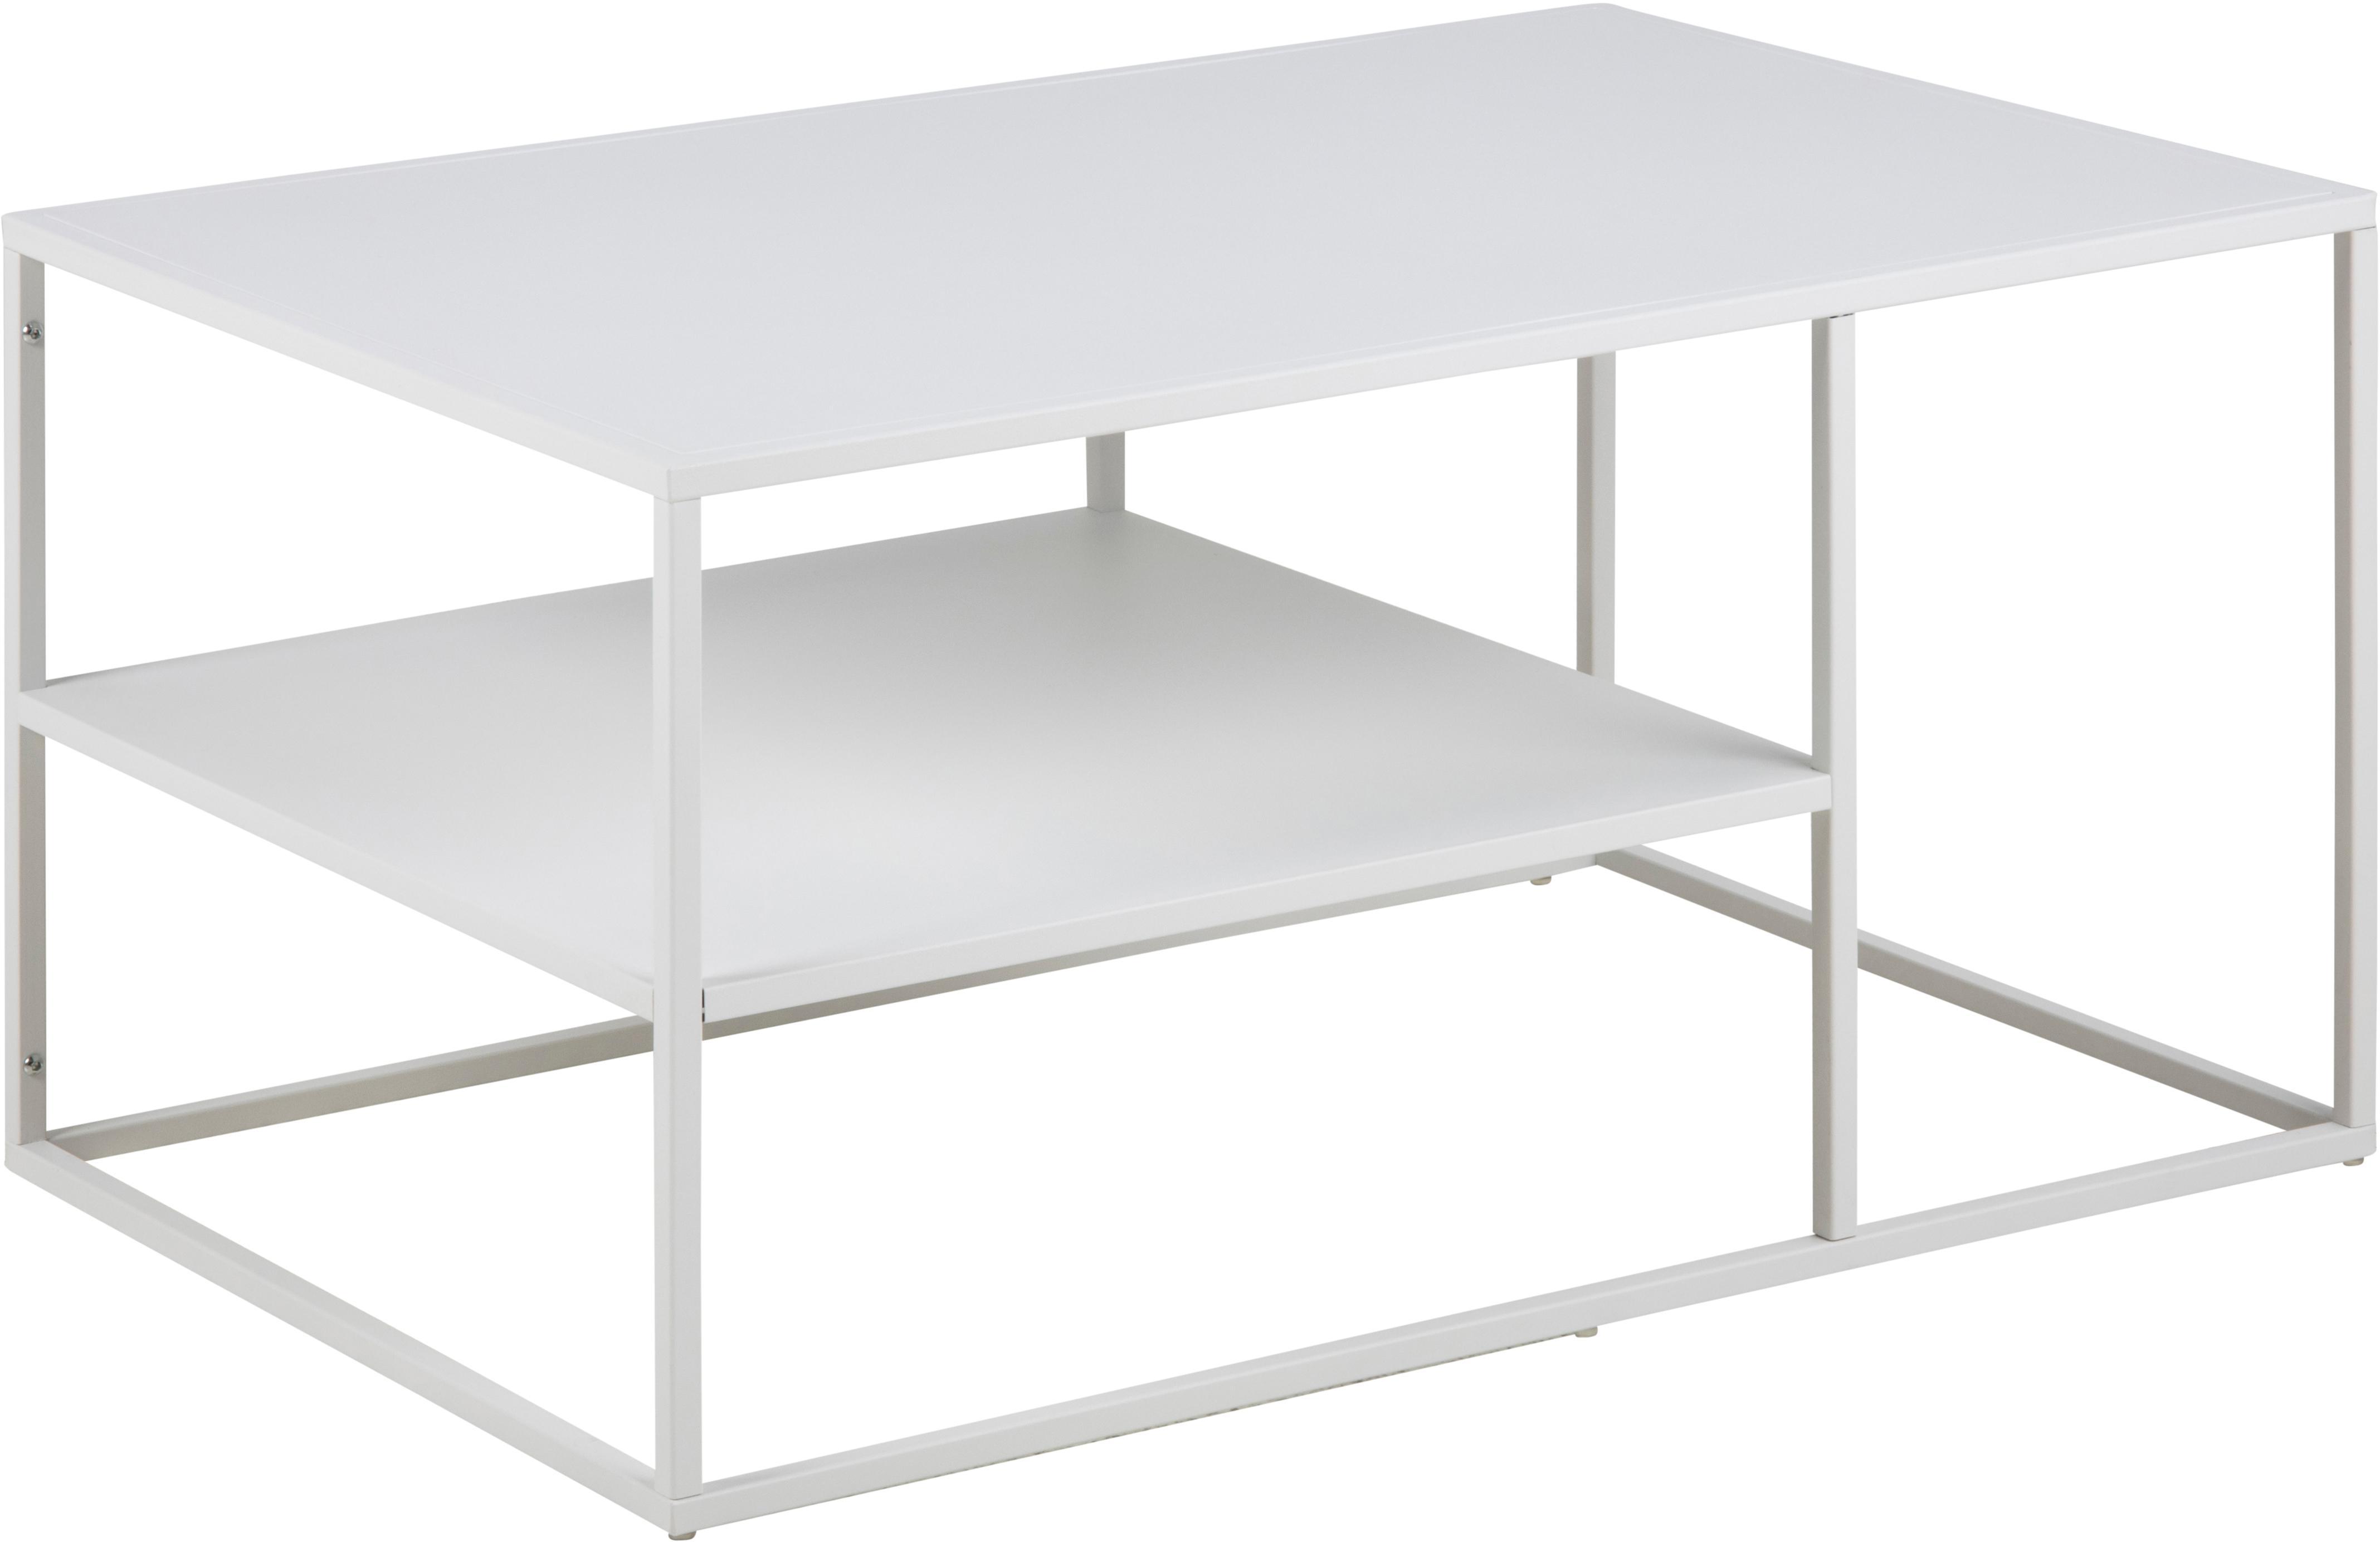 Stolik kawowy z metalu Newton, Metal malowany proszkowo, Biały, S 90 x G 60 cm